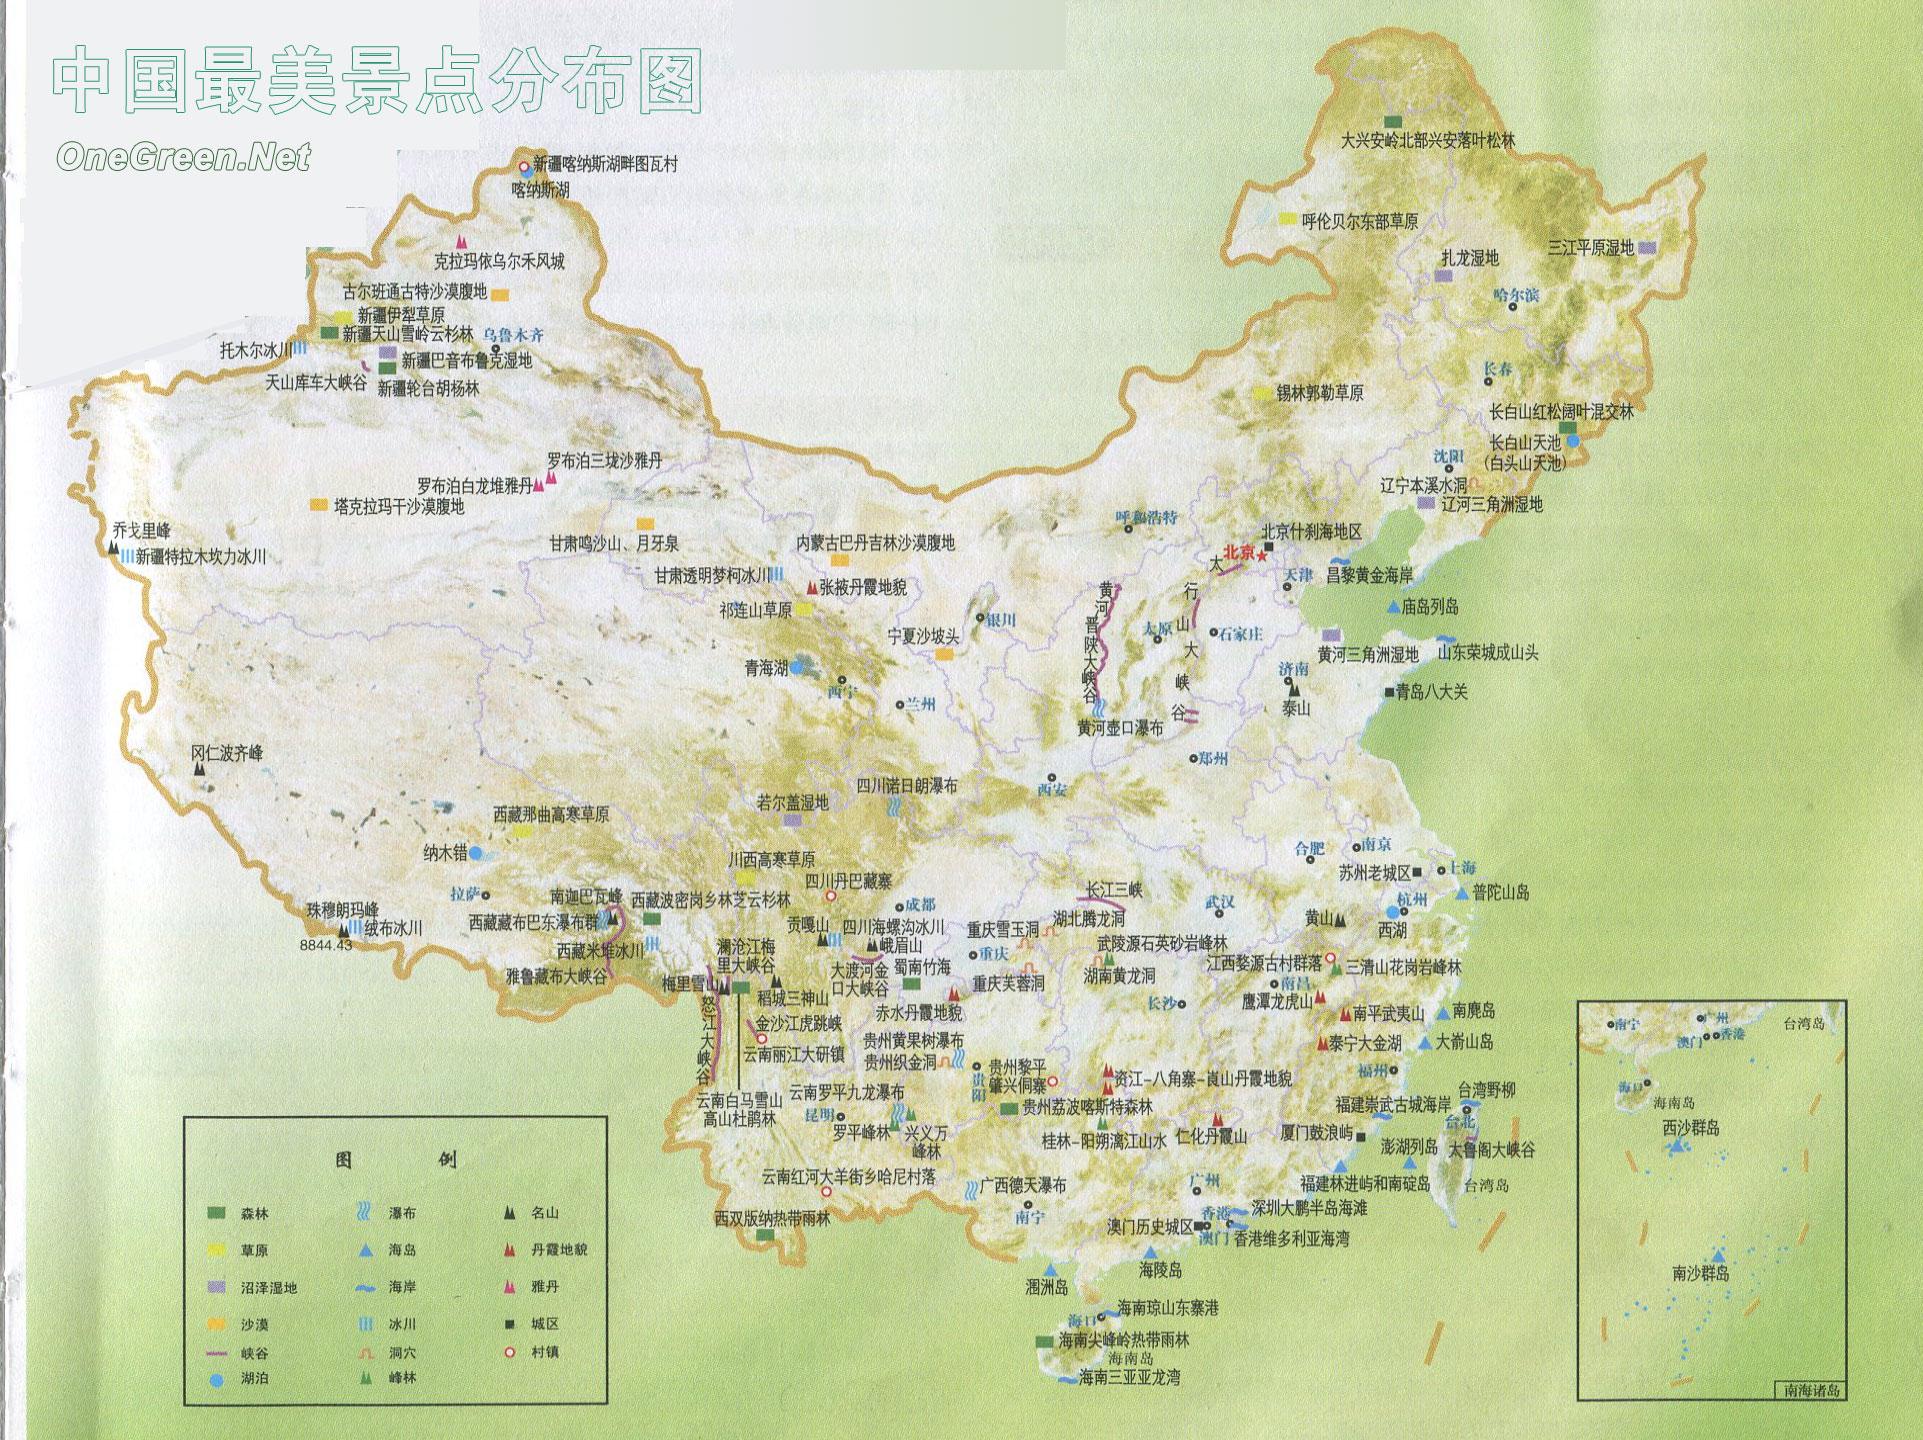 中国最美旅游景点分布图_中国地图查询